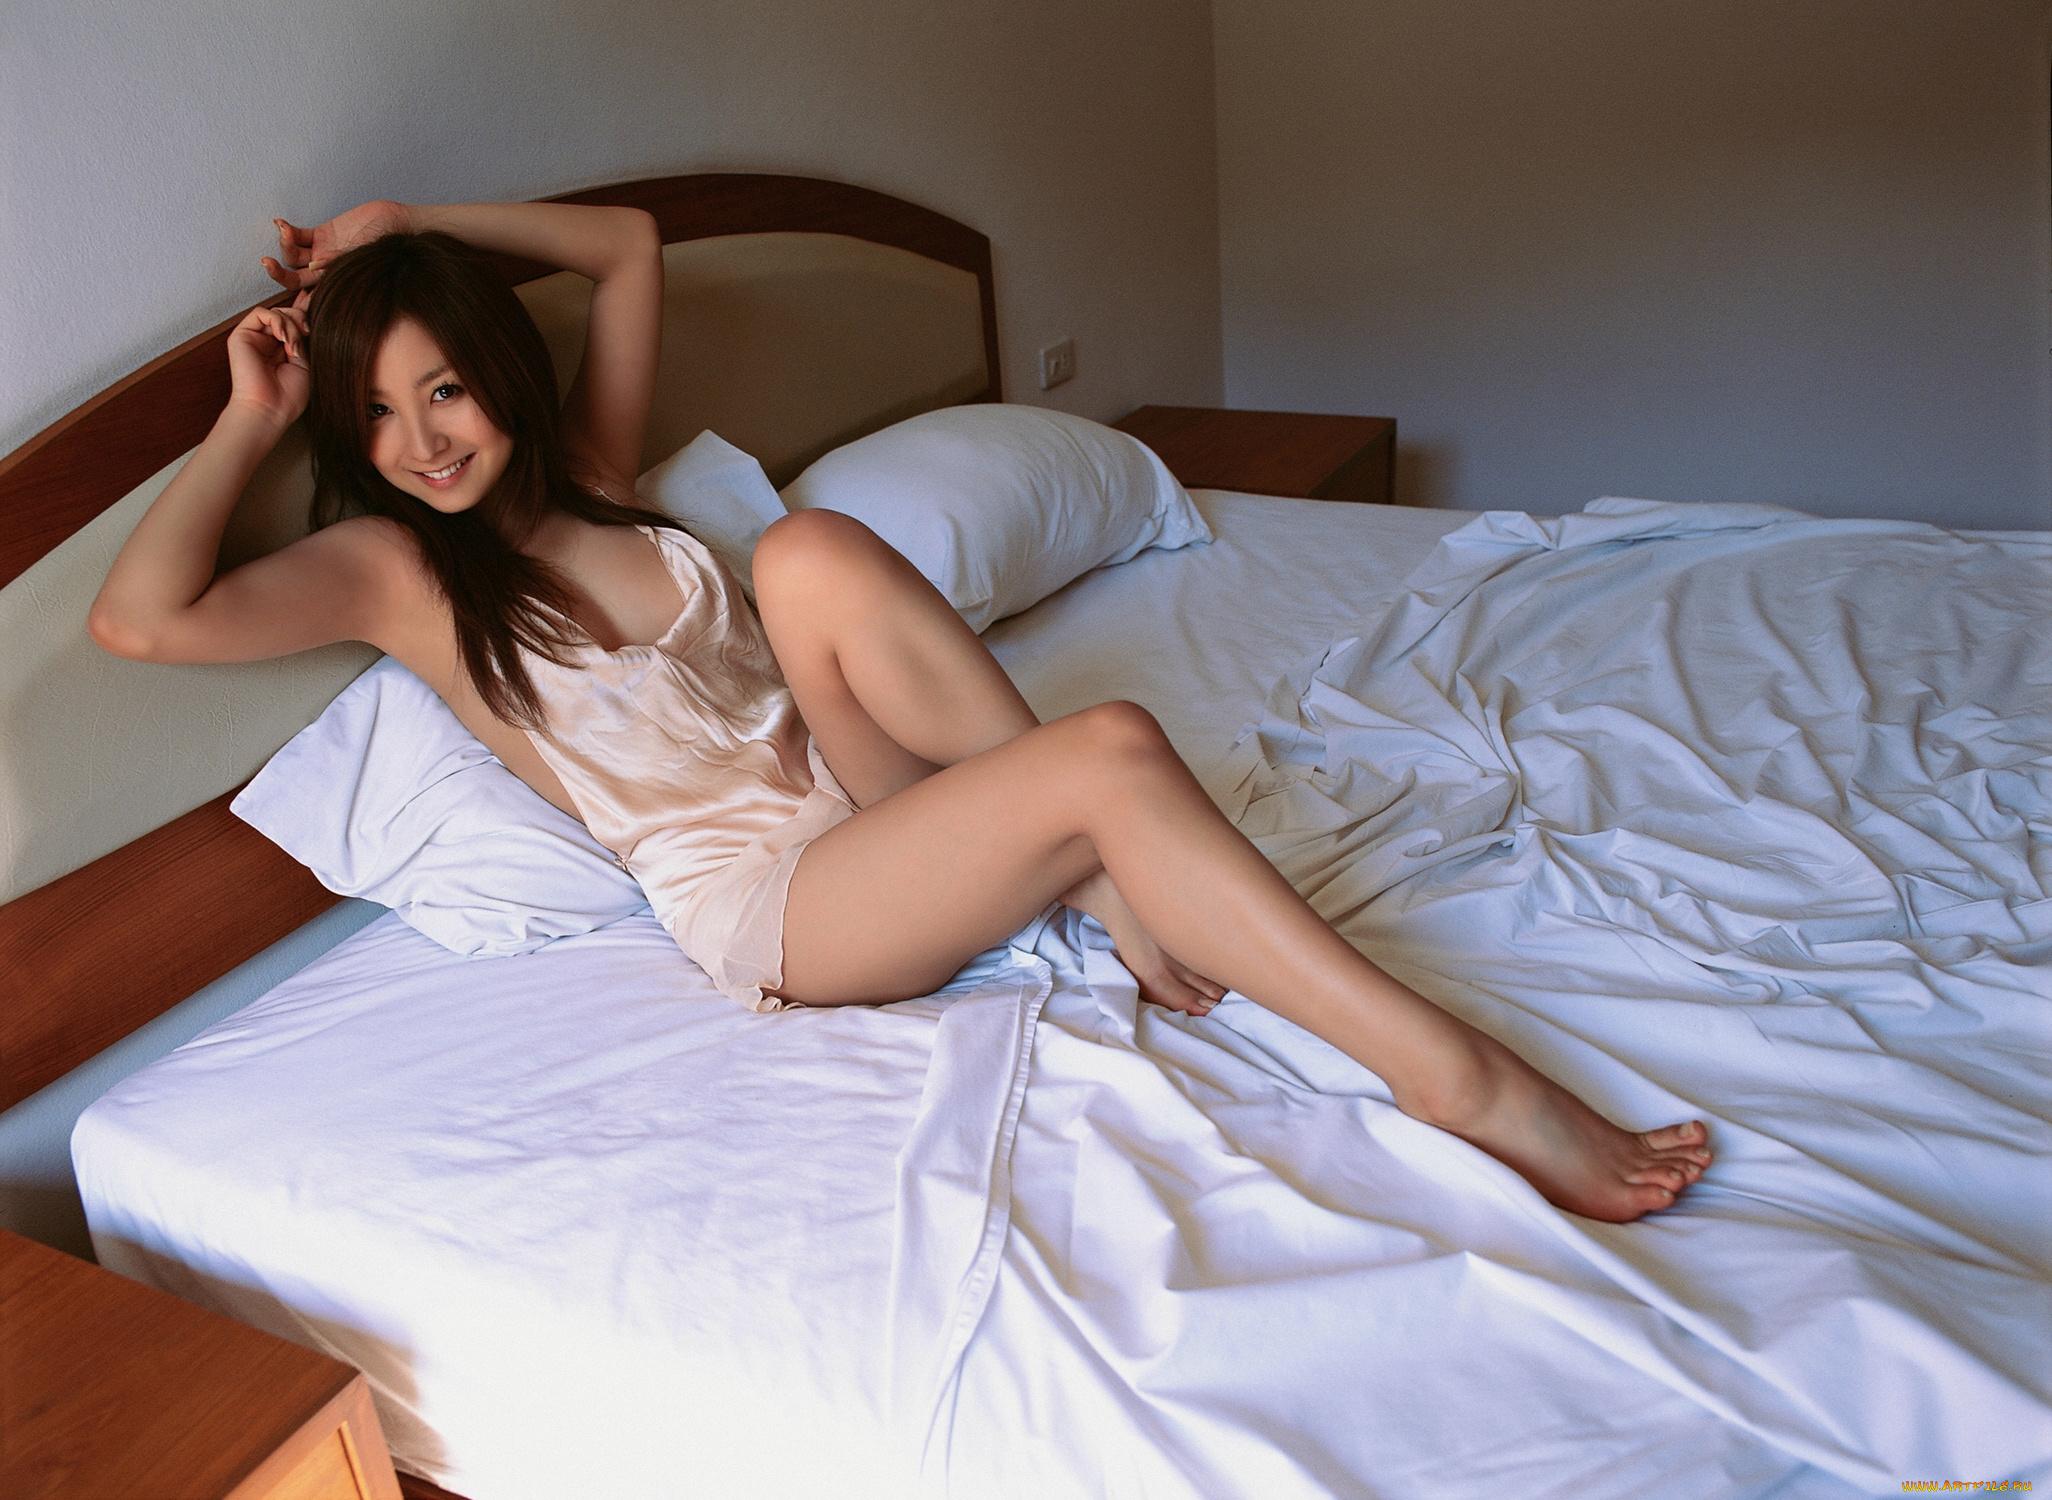 Красивые девушки в кровати частное — img 15